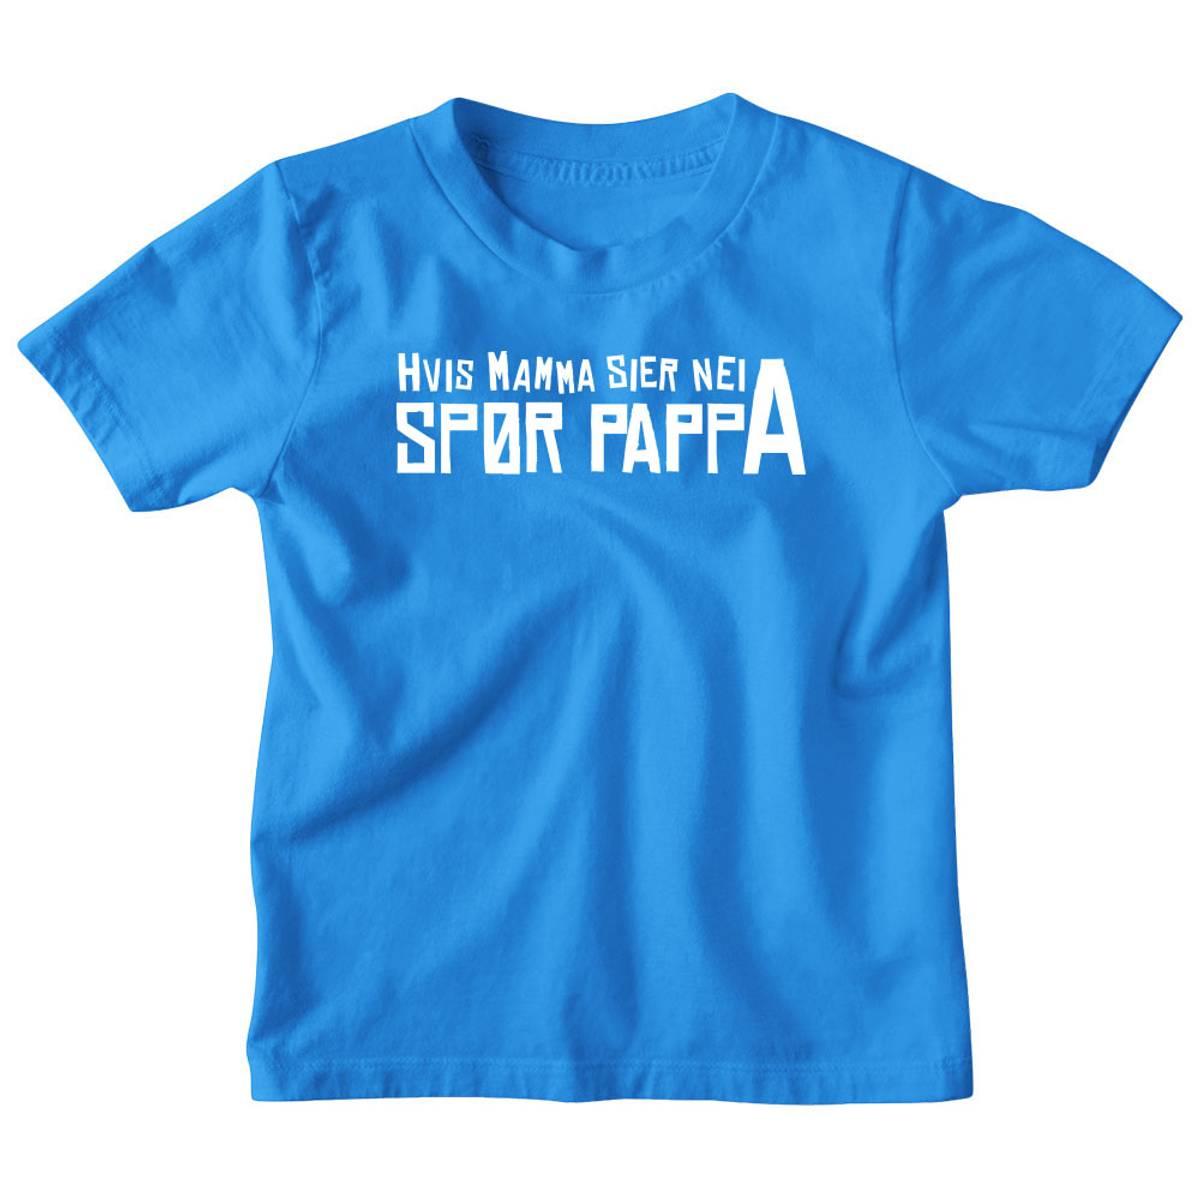 Hvis Mamma sier nei - T-skjorte Barn